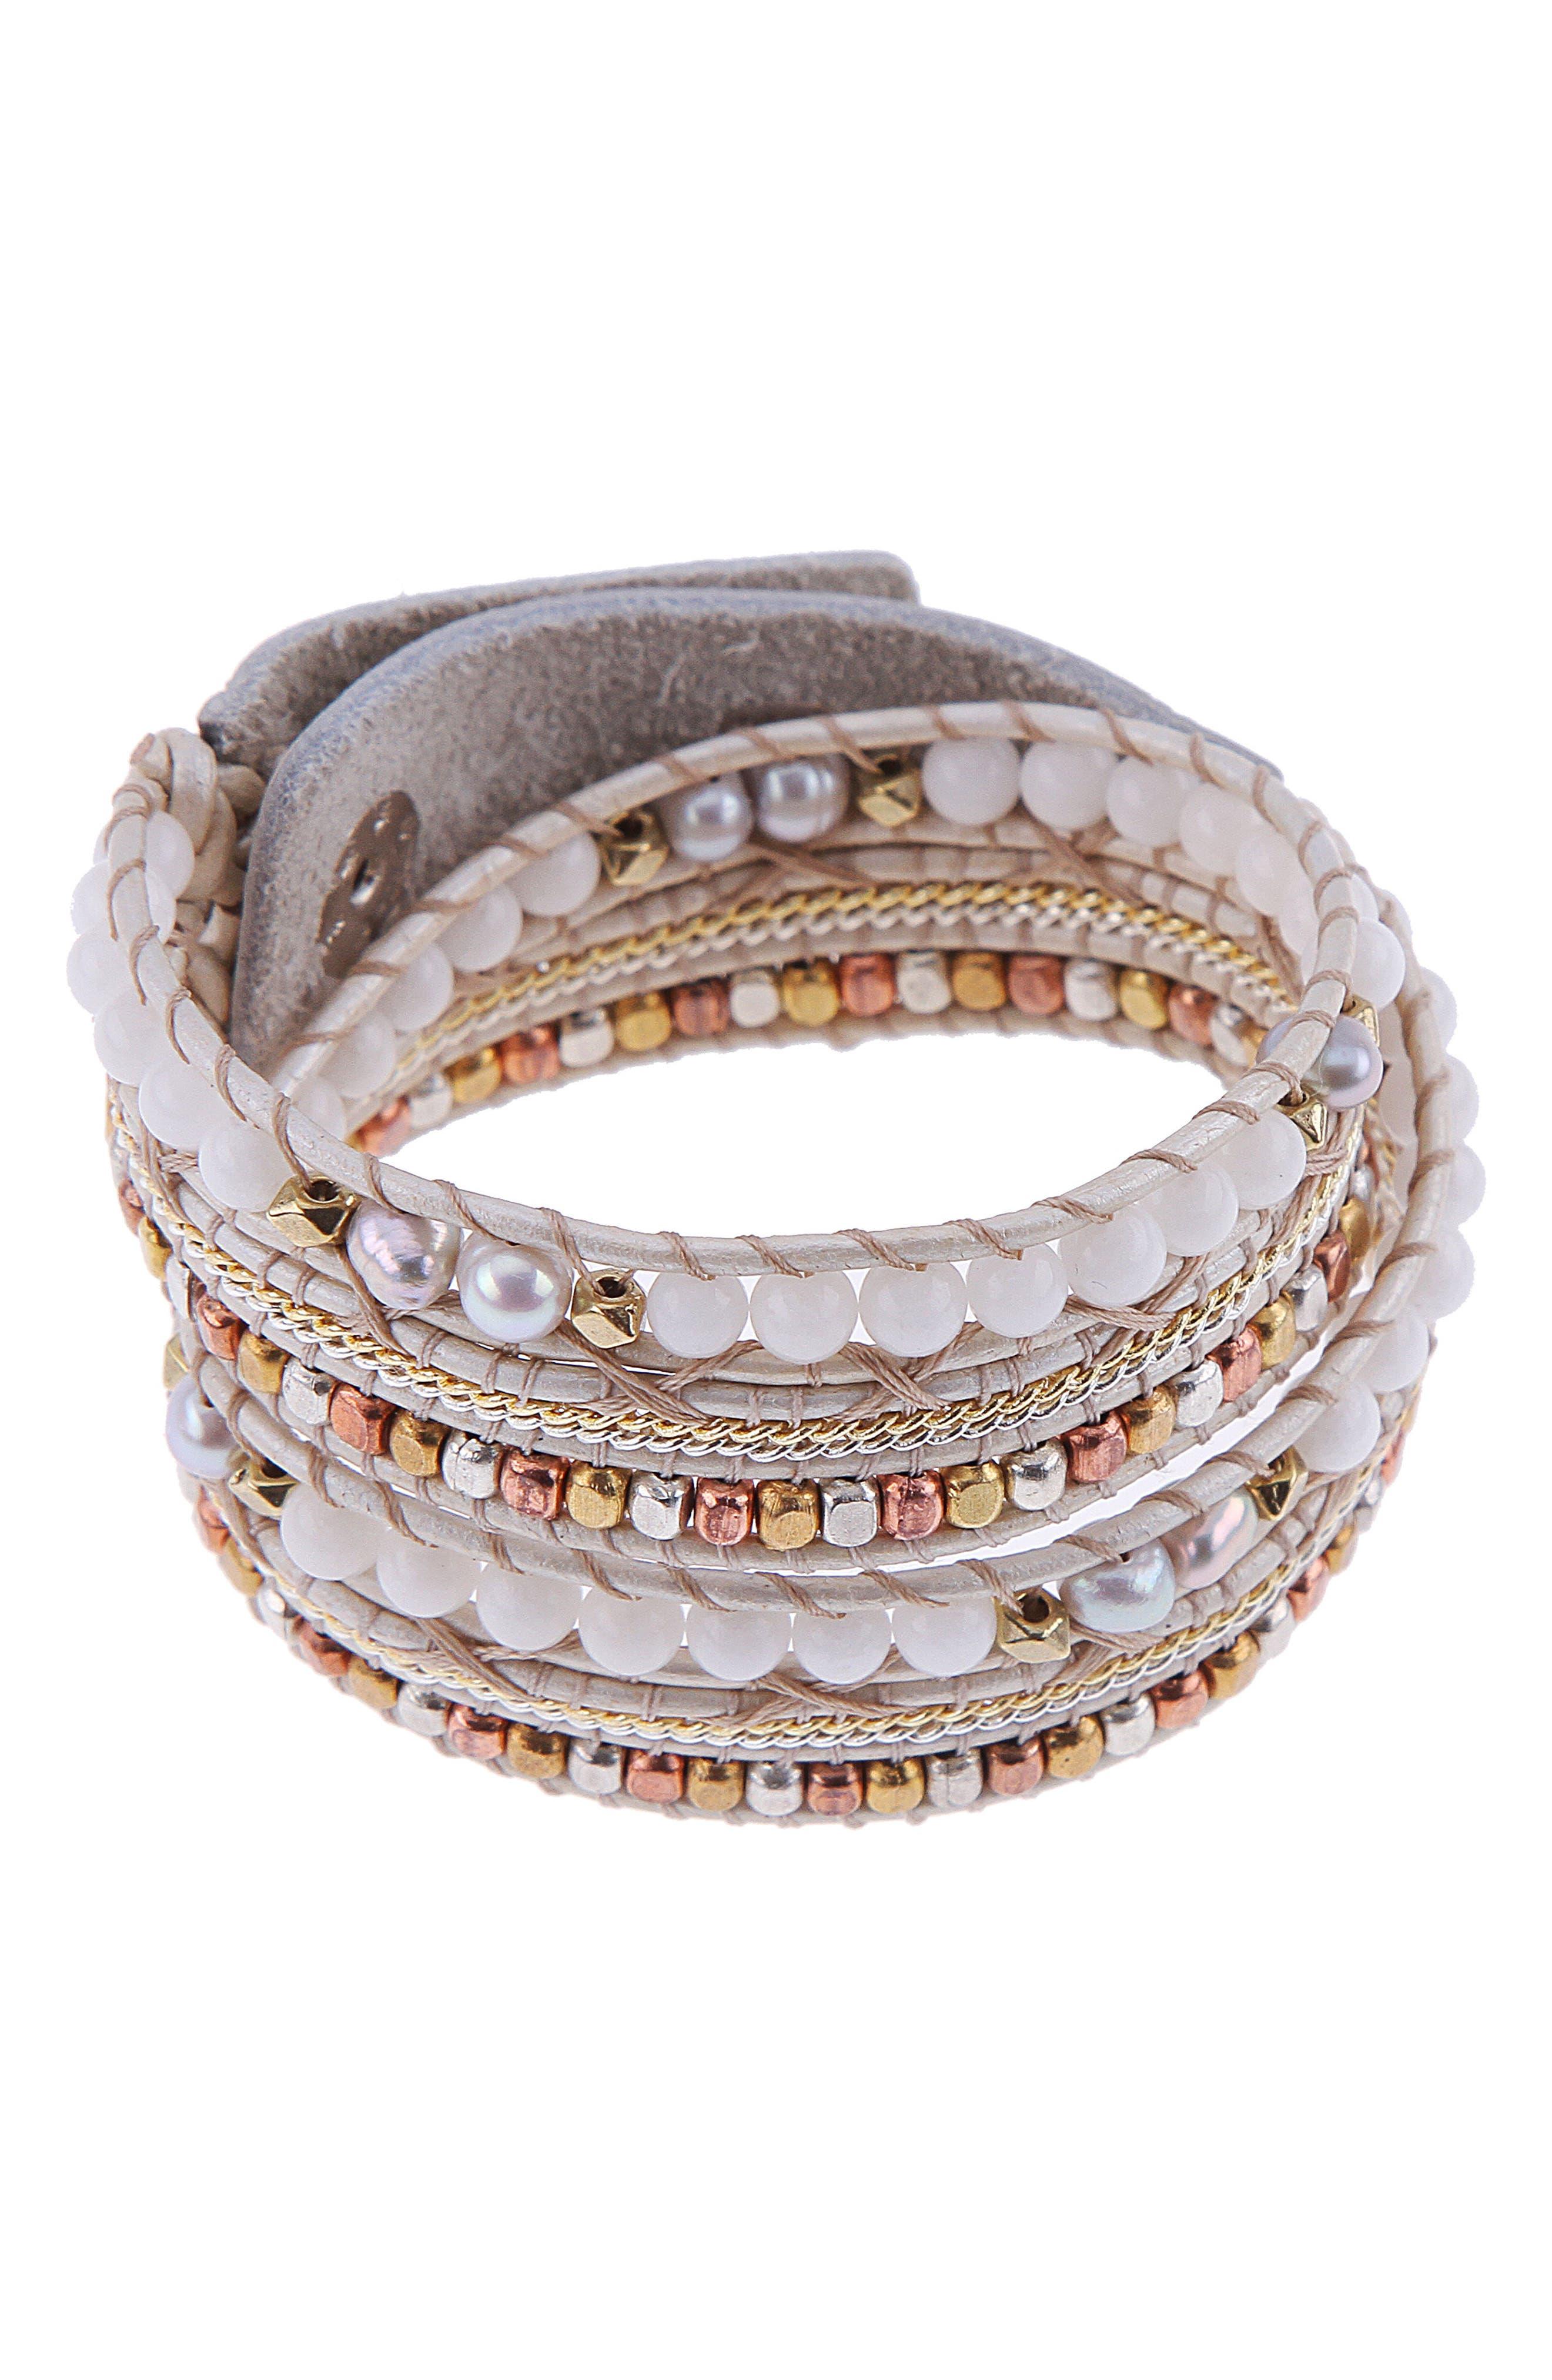 Stone & Metal Wrap Bracelet,                         Main,                         color, 800